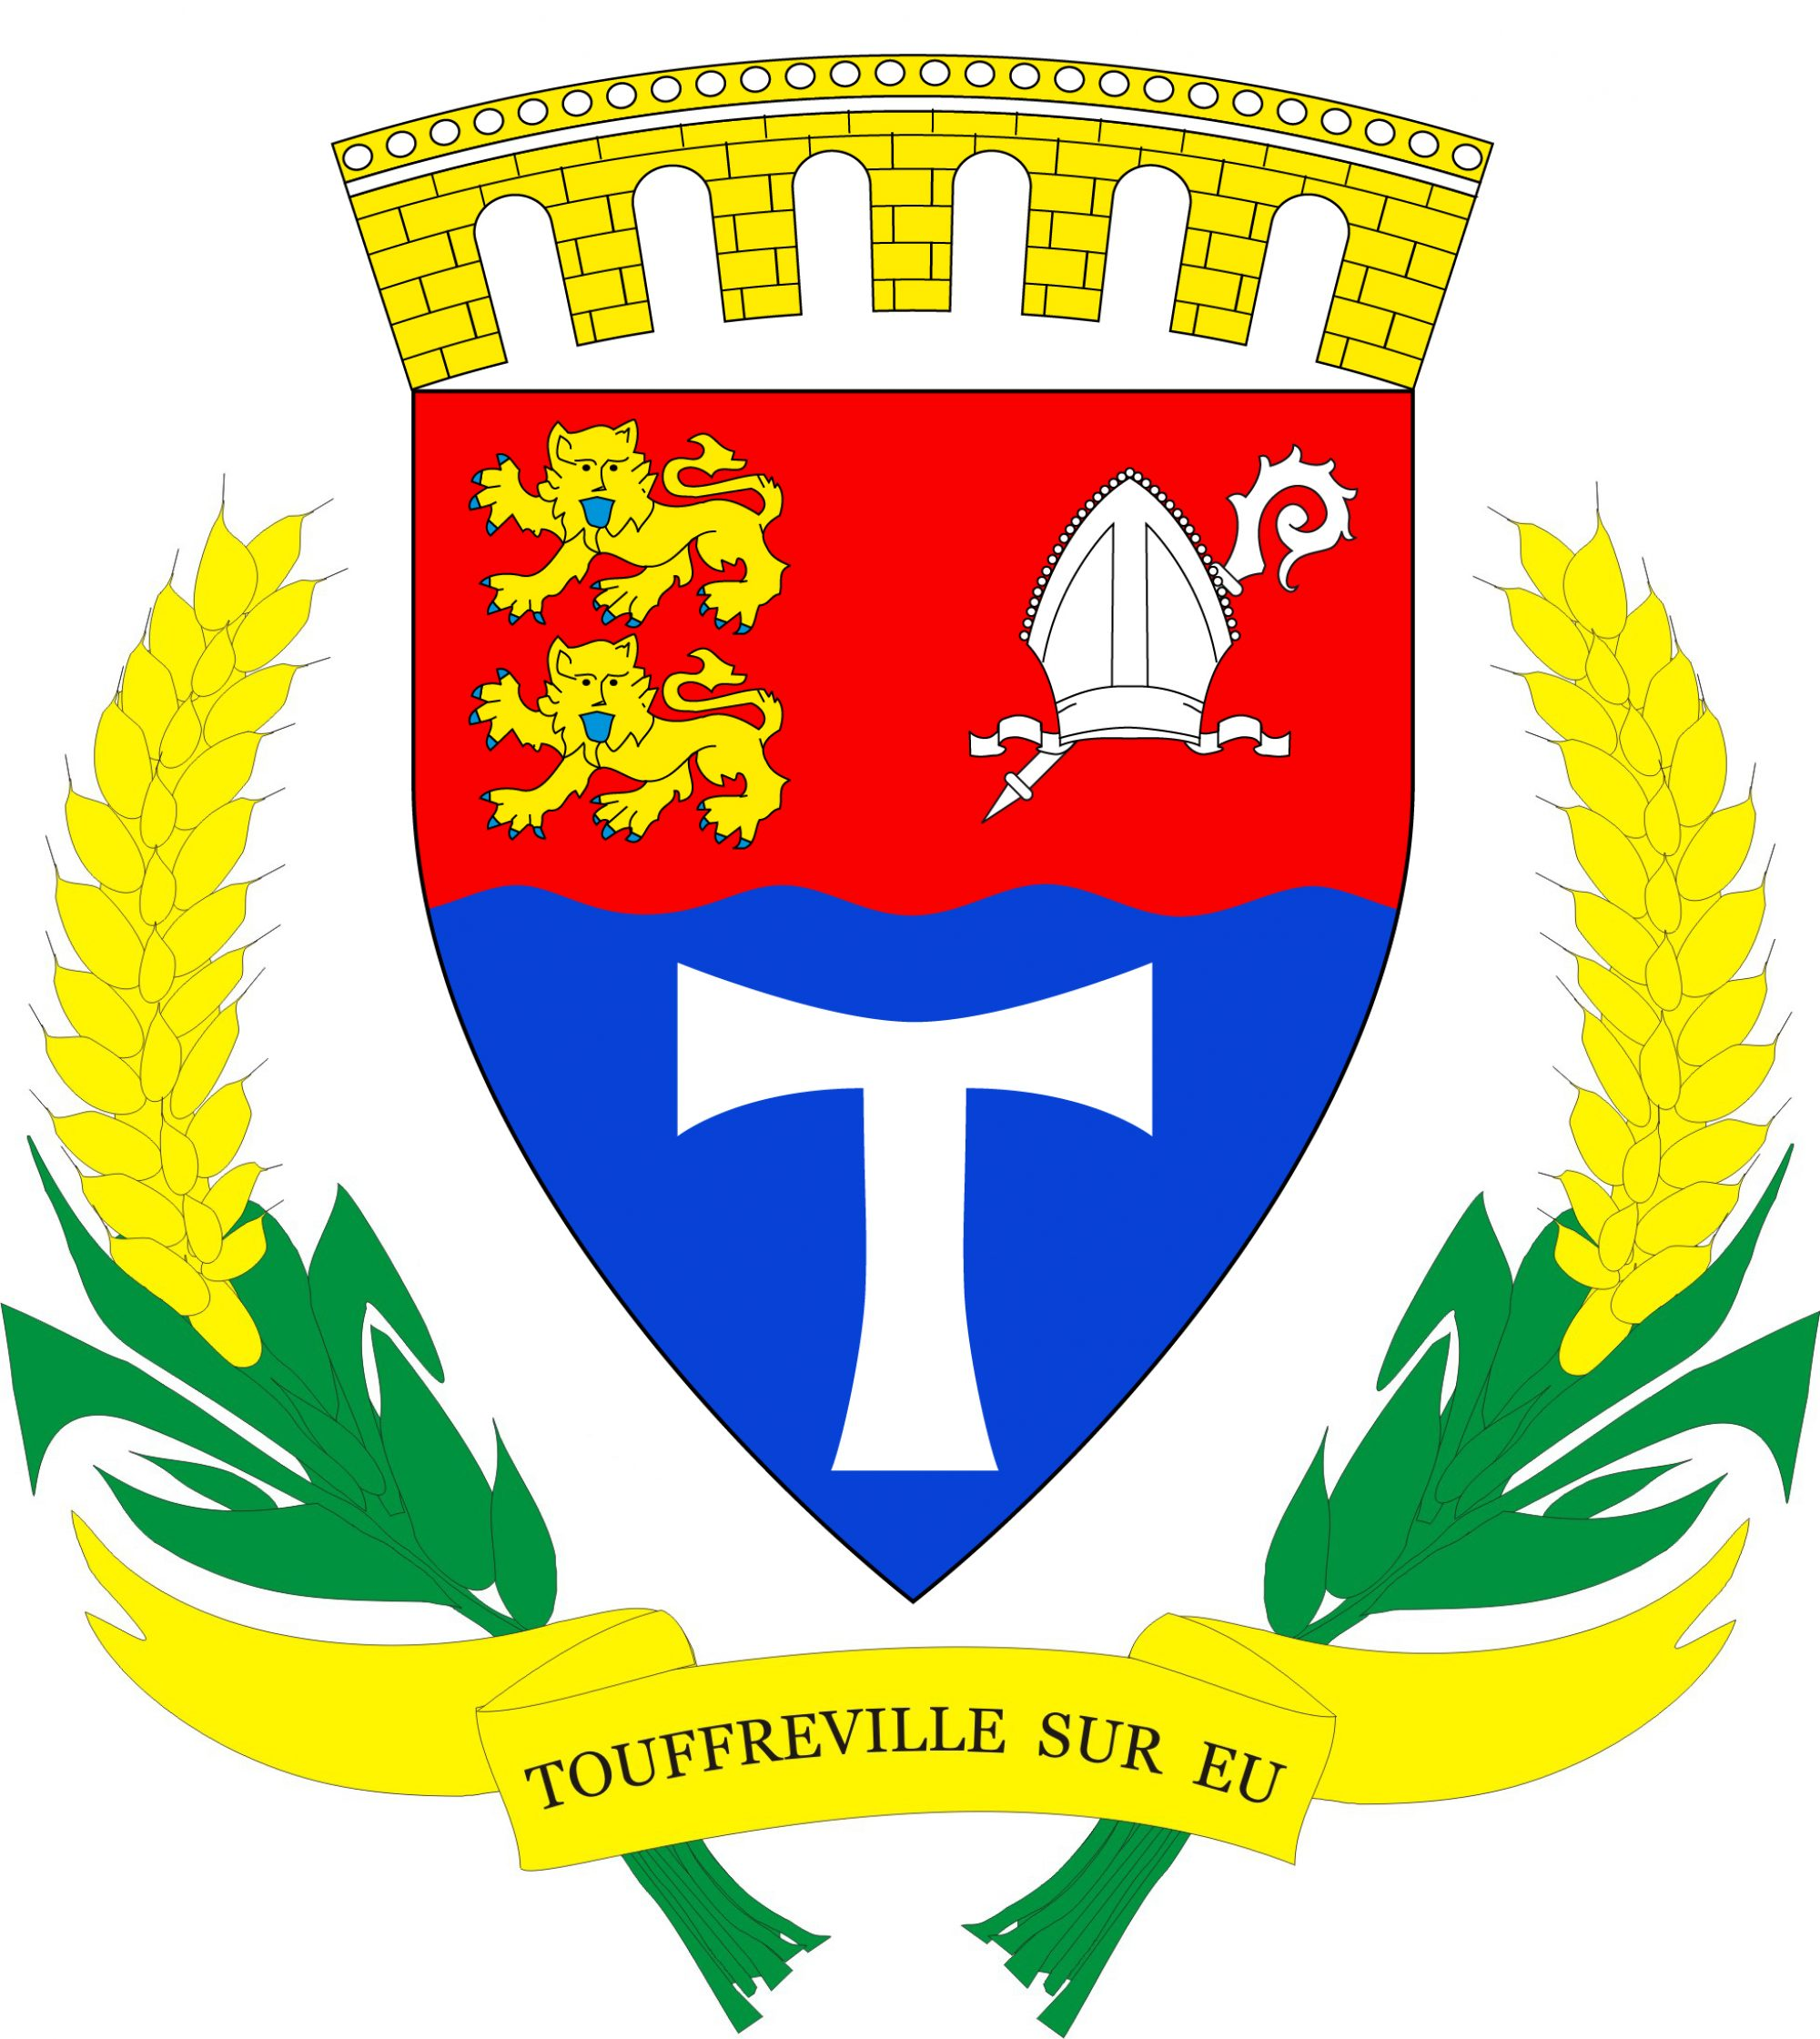 Mairie de TOUFFREVILLE SUR EU